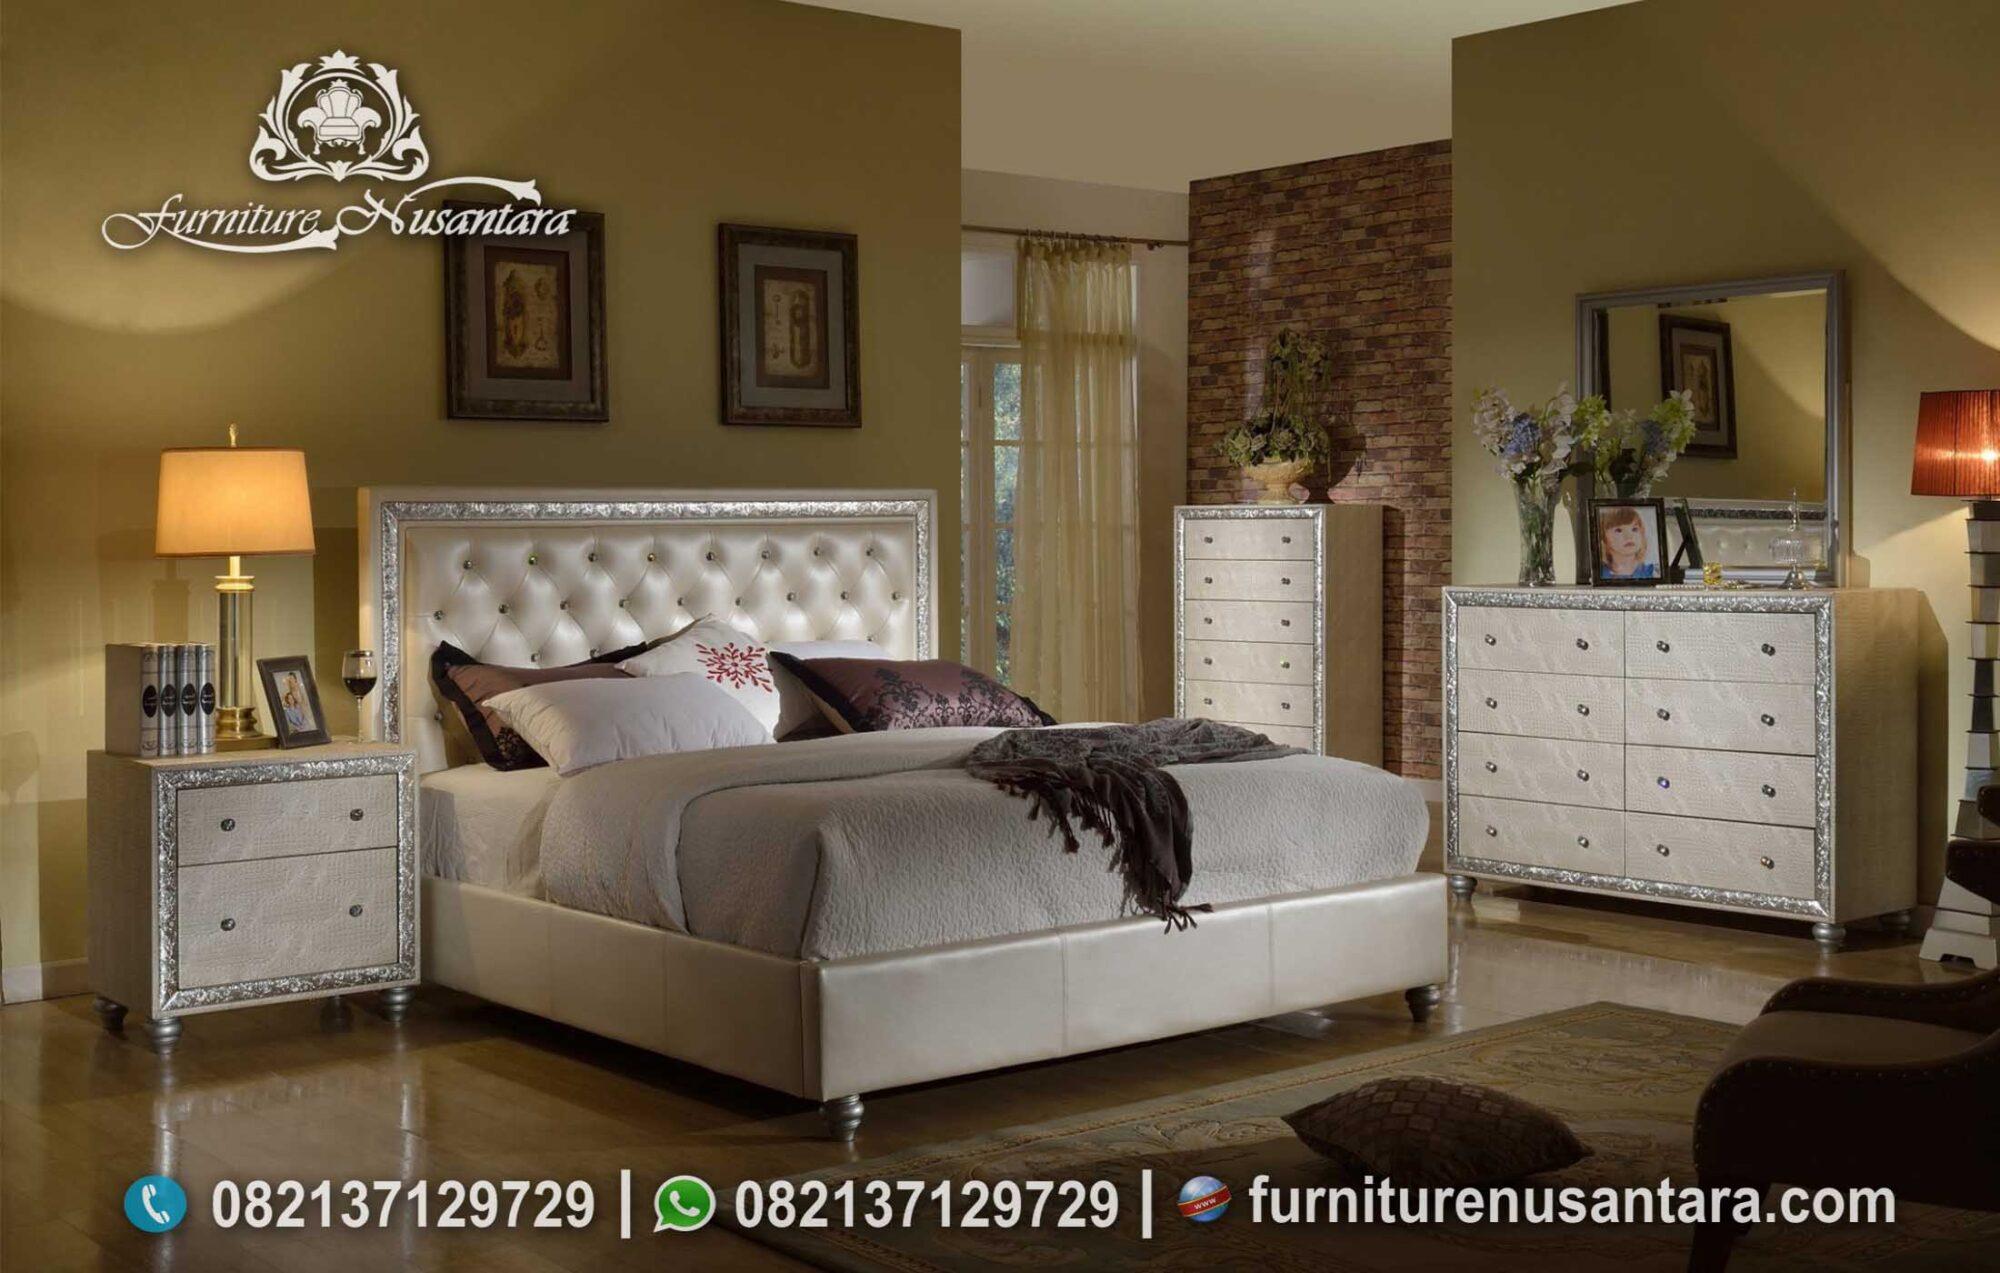 Kamar Minimalis Mewah Terbaru 2020 KS-83, Furniture Nusantara